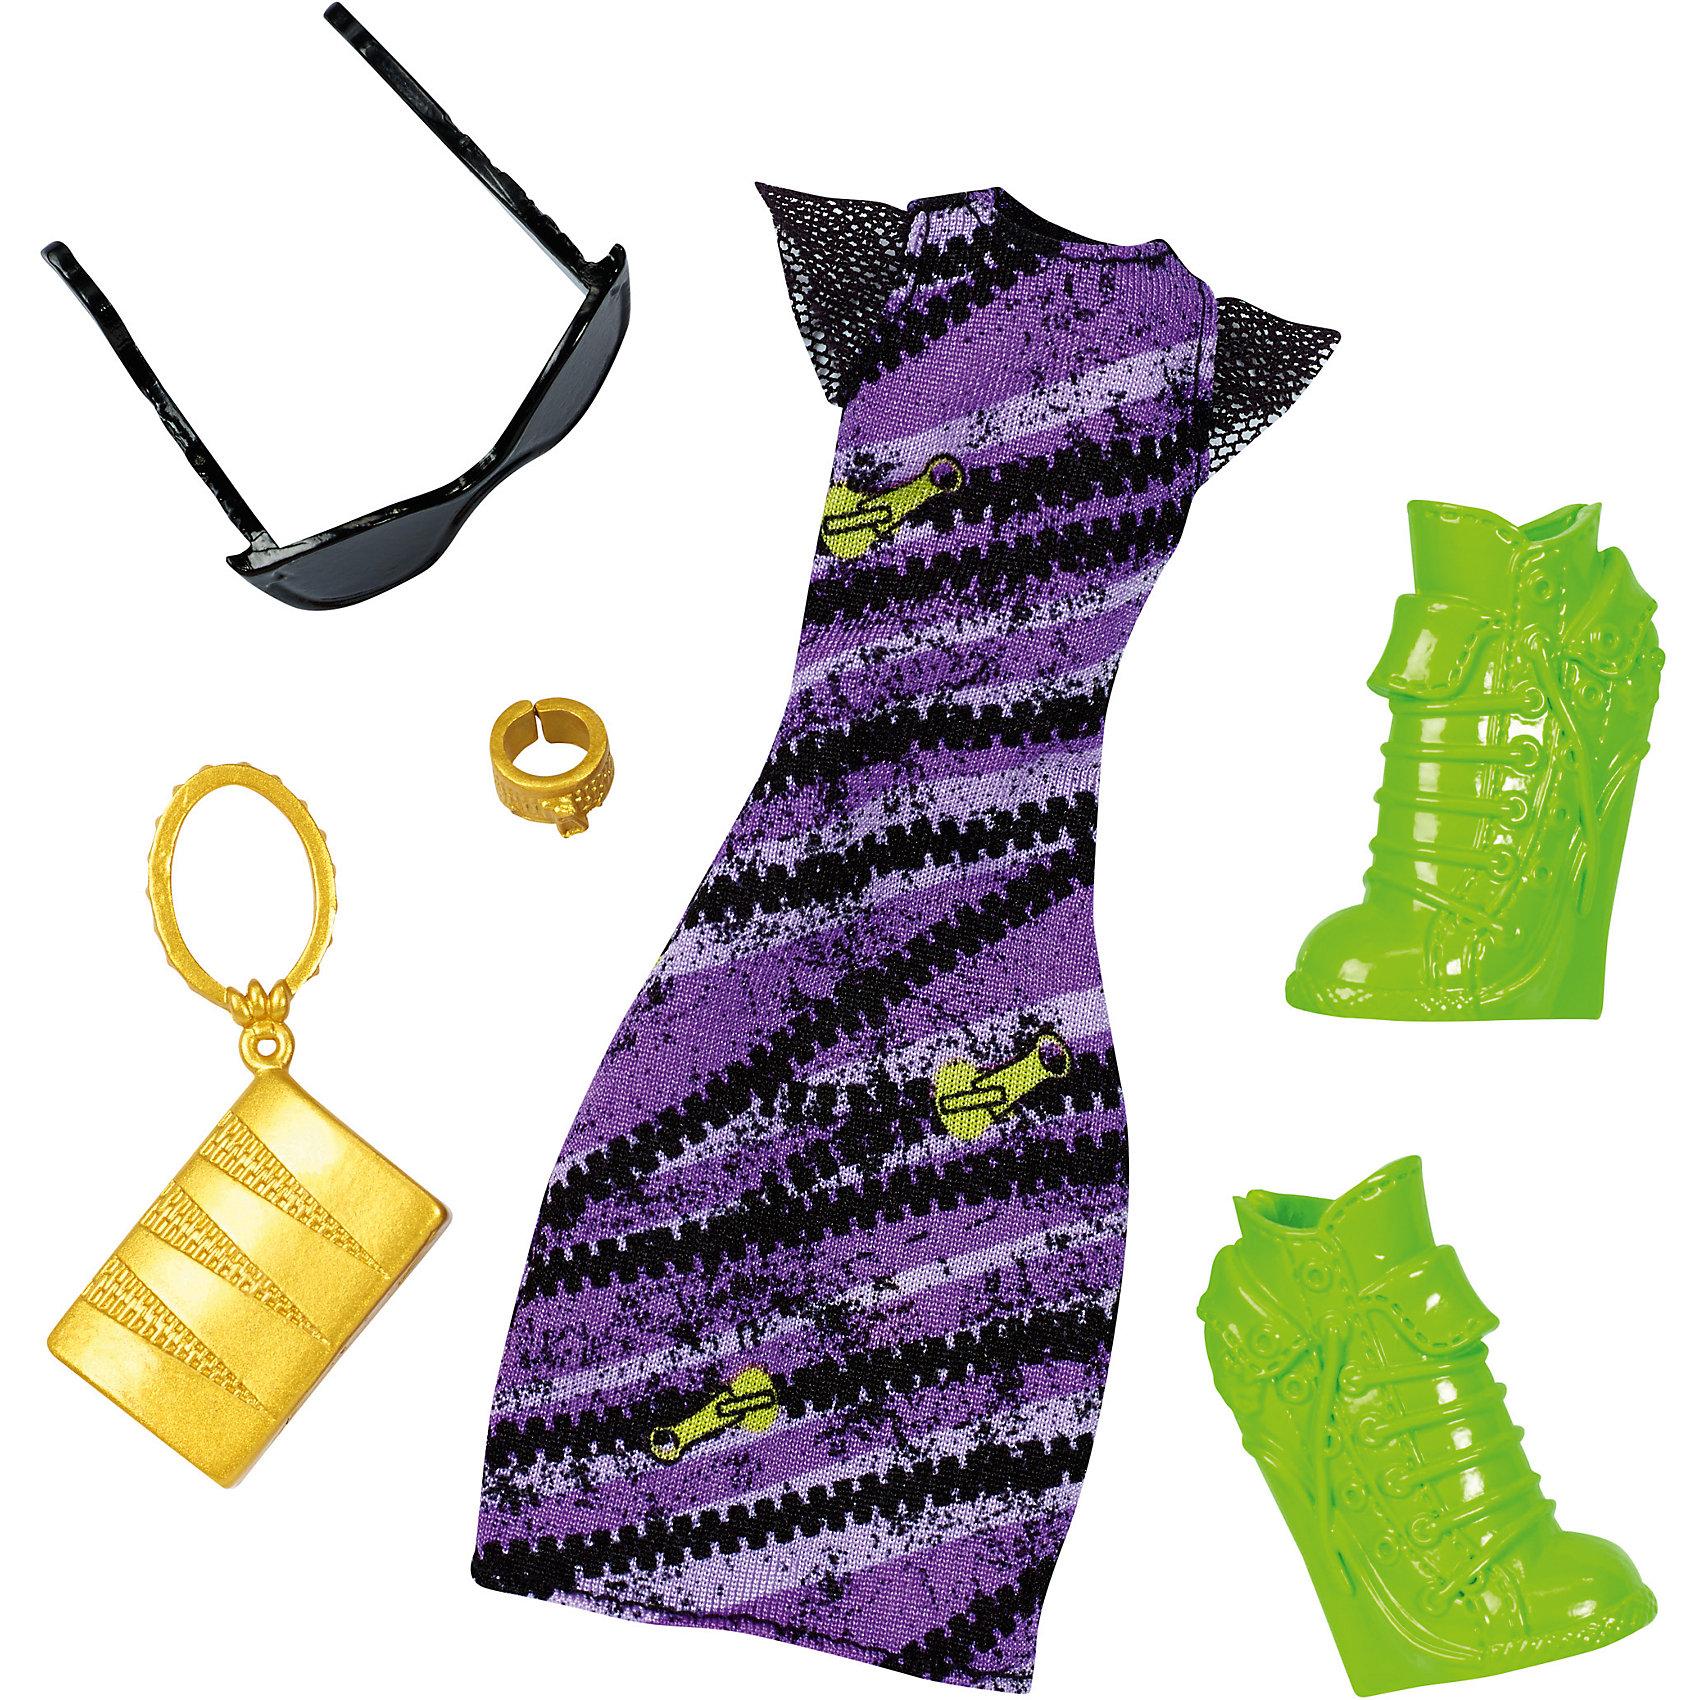 Модные аксессуары, Monster HighНабор модных аксессуаров Monster high поможет нарядить куклу в красивый наряд. Разнообразие аксессуаров позволит менять образы куклы, отчего играть с ней станет еще интереснее. <br>В товар входит:<br>-платье<br>-сумочка<br>-очки<br>-туфли<br>-браслет<br><br>Дополнительная информация:<br>-Товар для девочек<br>-Состав: текстиль, пластик<br>-Марка: Monster High (Монстер Хай)<br><br>Ширина мм: 15<br>Глубина мм: 115<br>Высота мм: 255<br>Вес г: 62<br>Возраст от месяцев: 72<br>Возраст до месяцев: 144<br>Пол: Женский<br>Возраст: Детский<br>SKU: 4973480